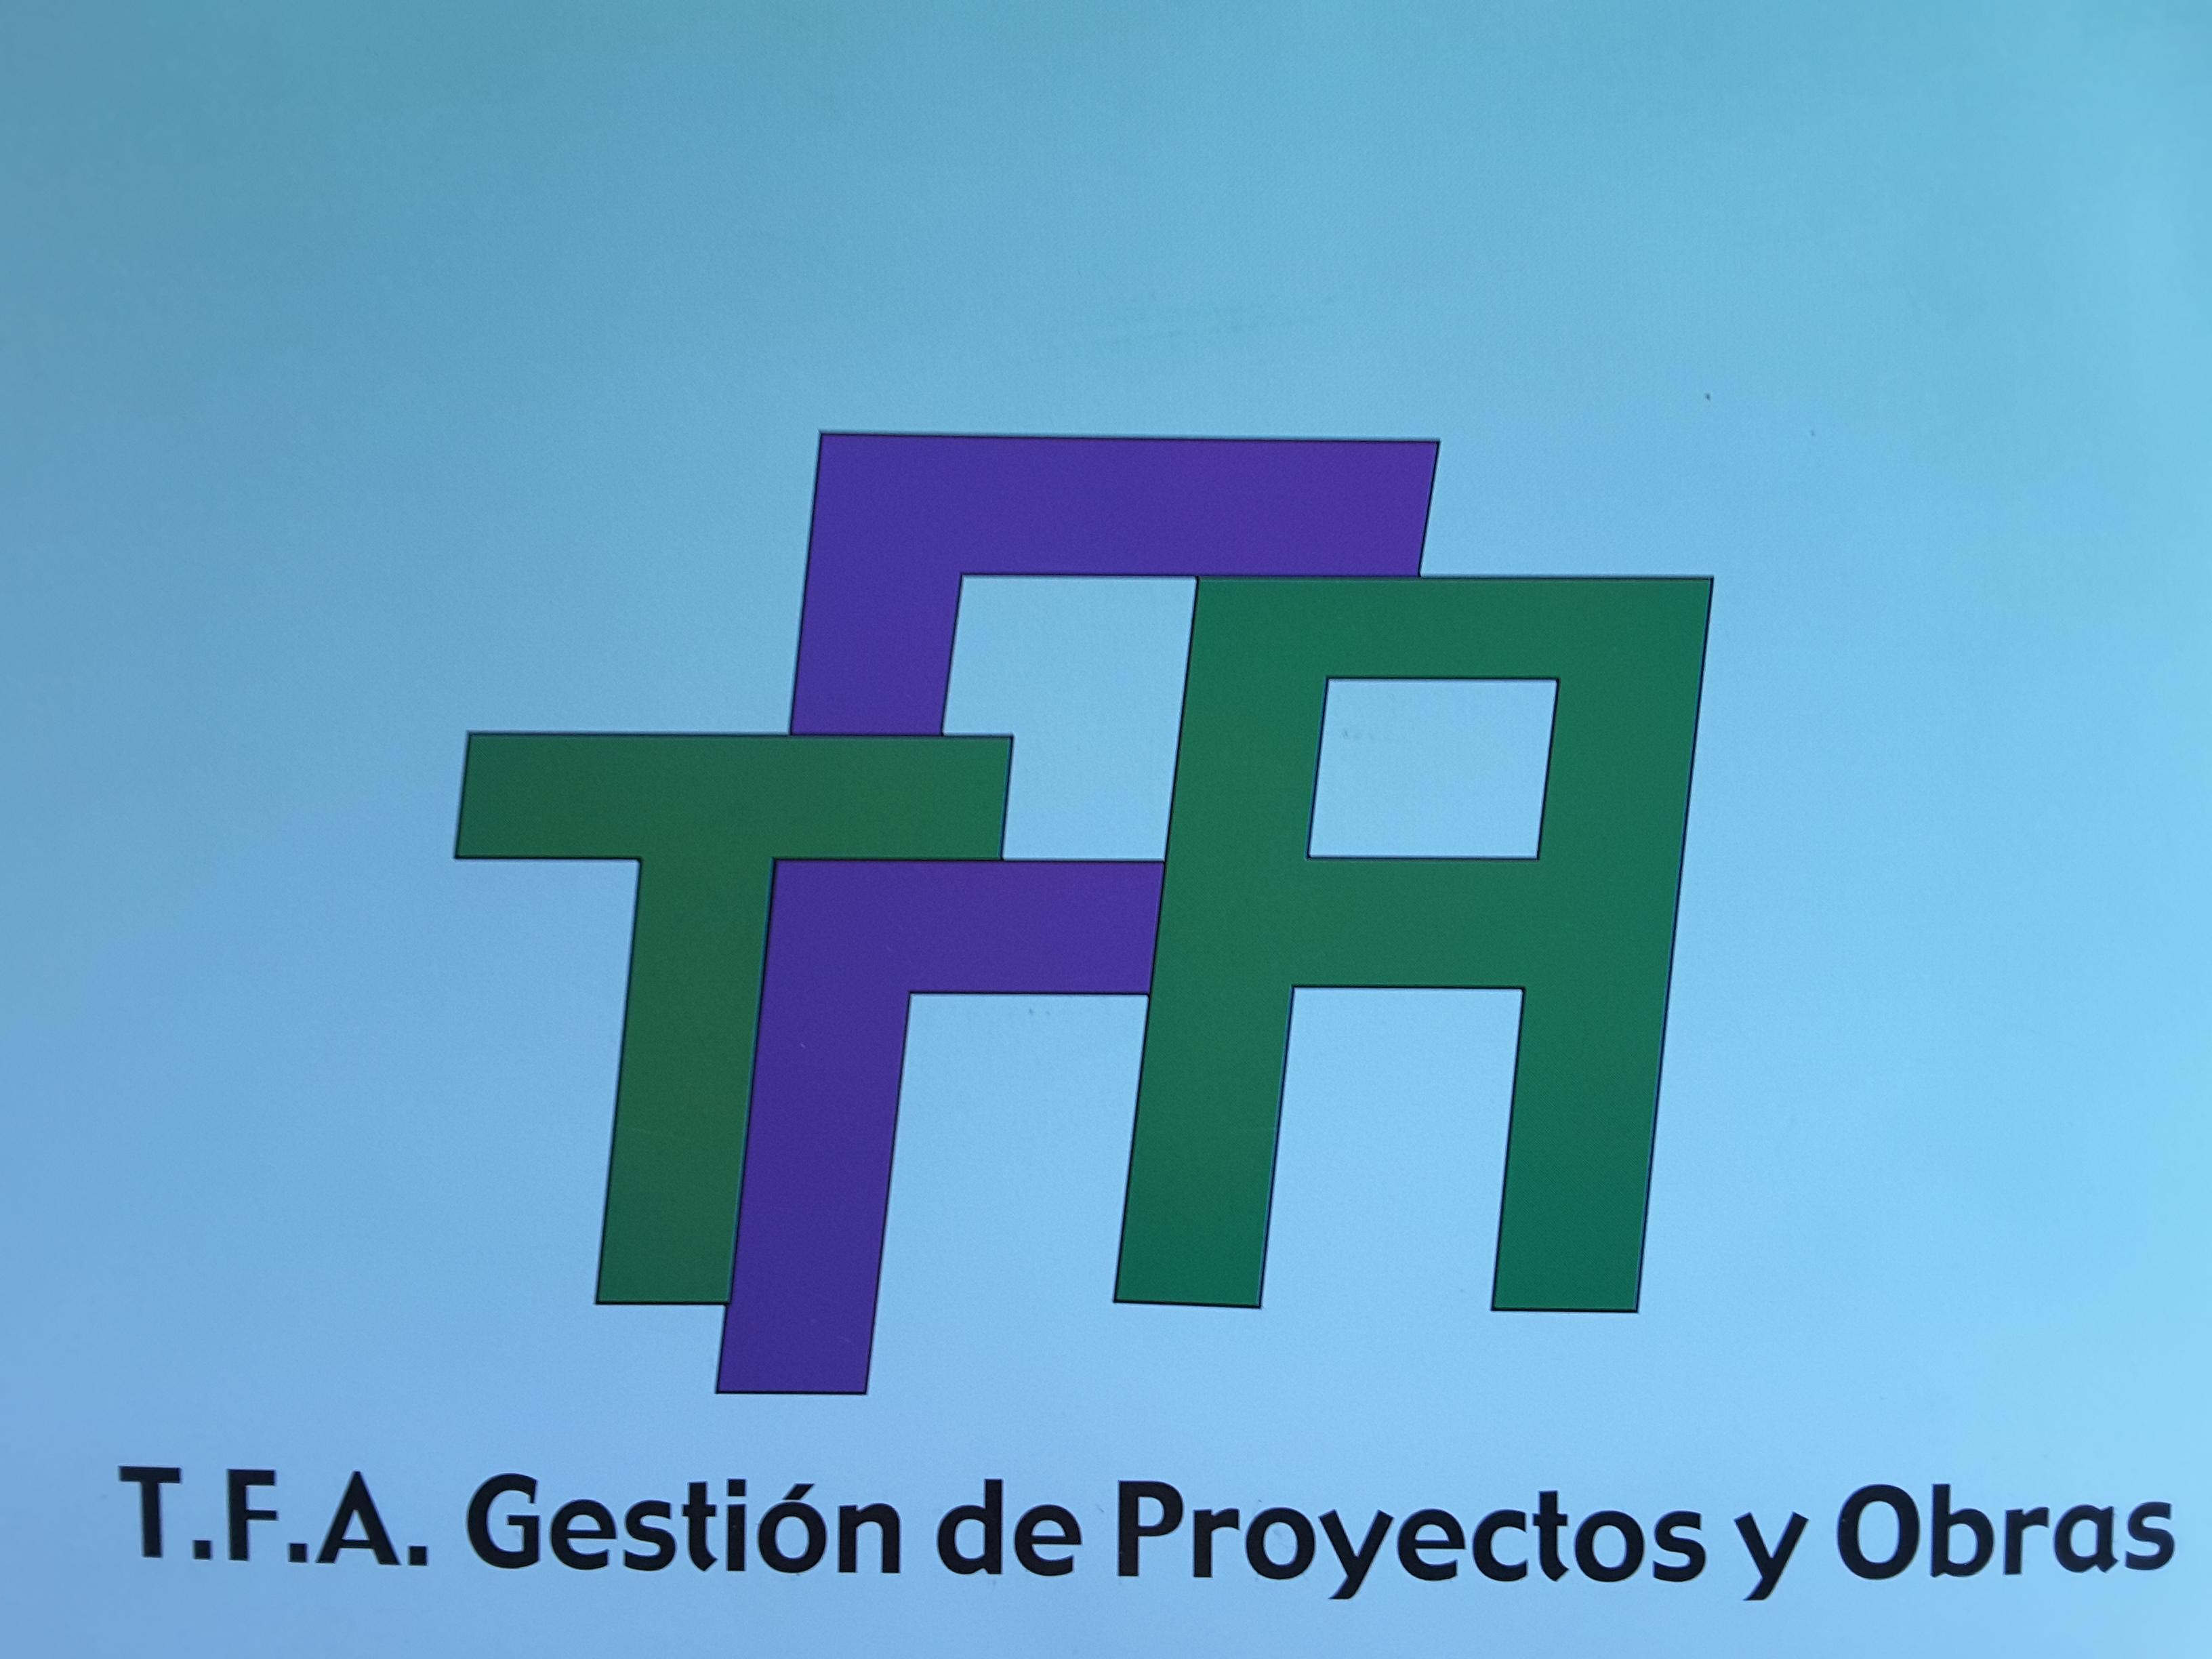 Tfa Gestión De Proyectos Y Obras